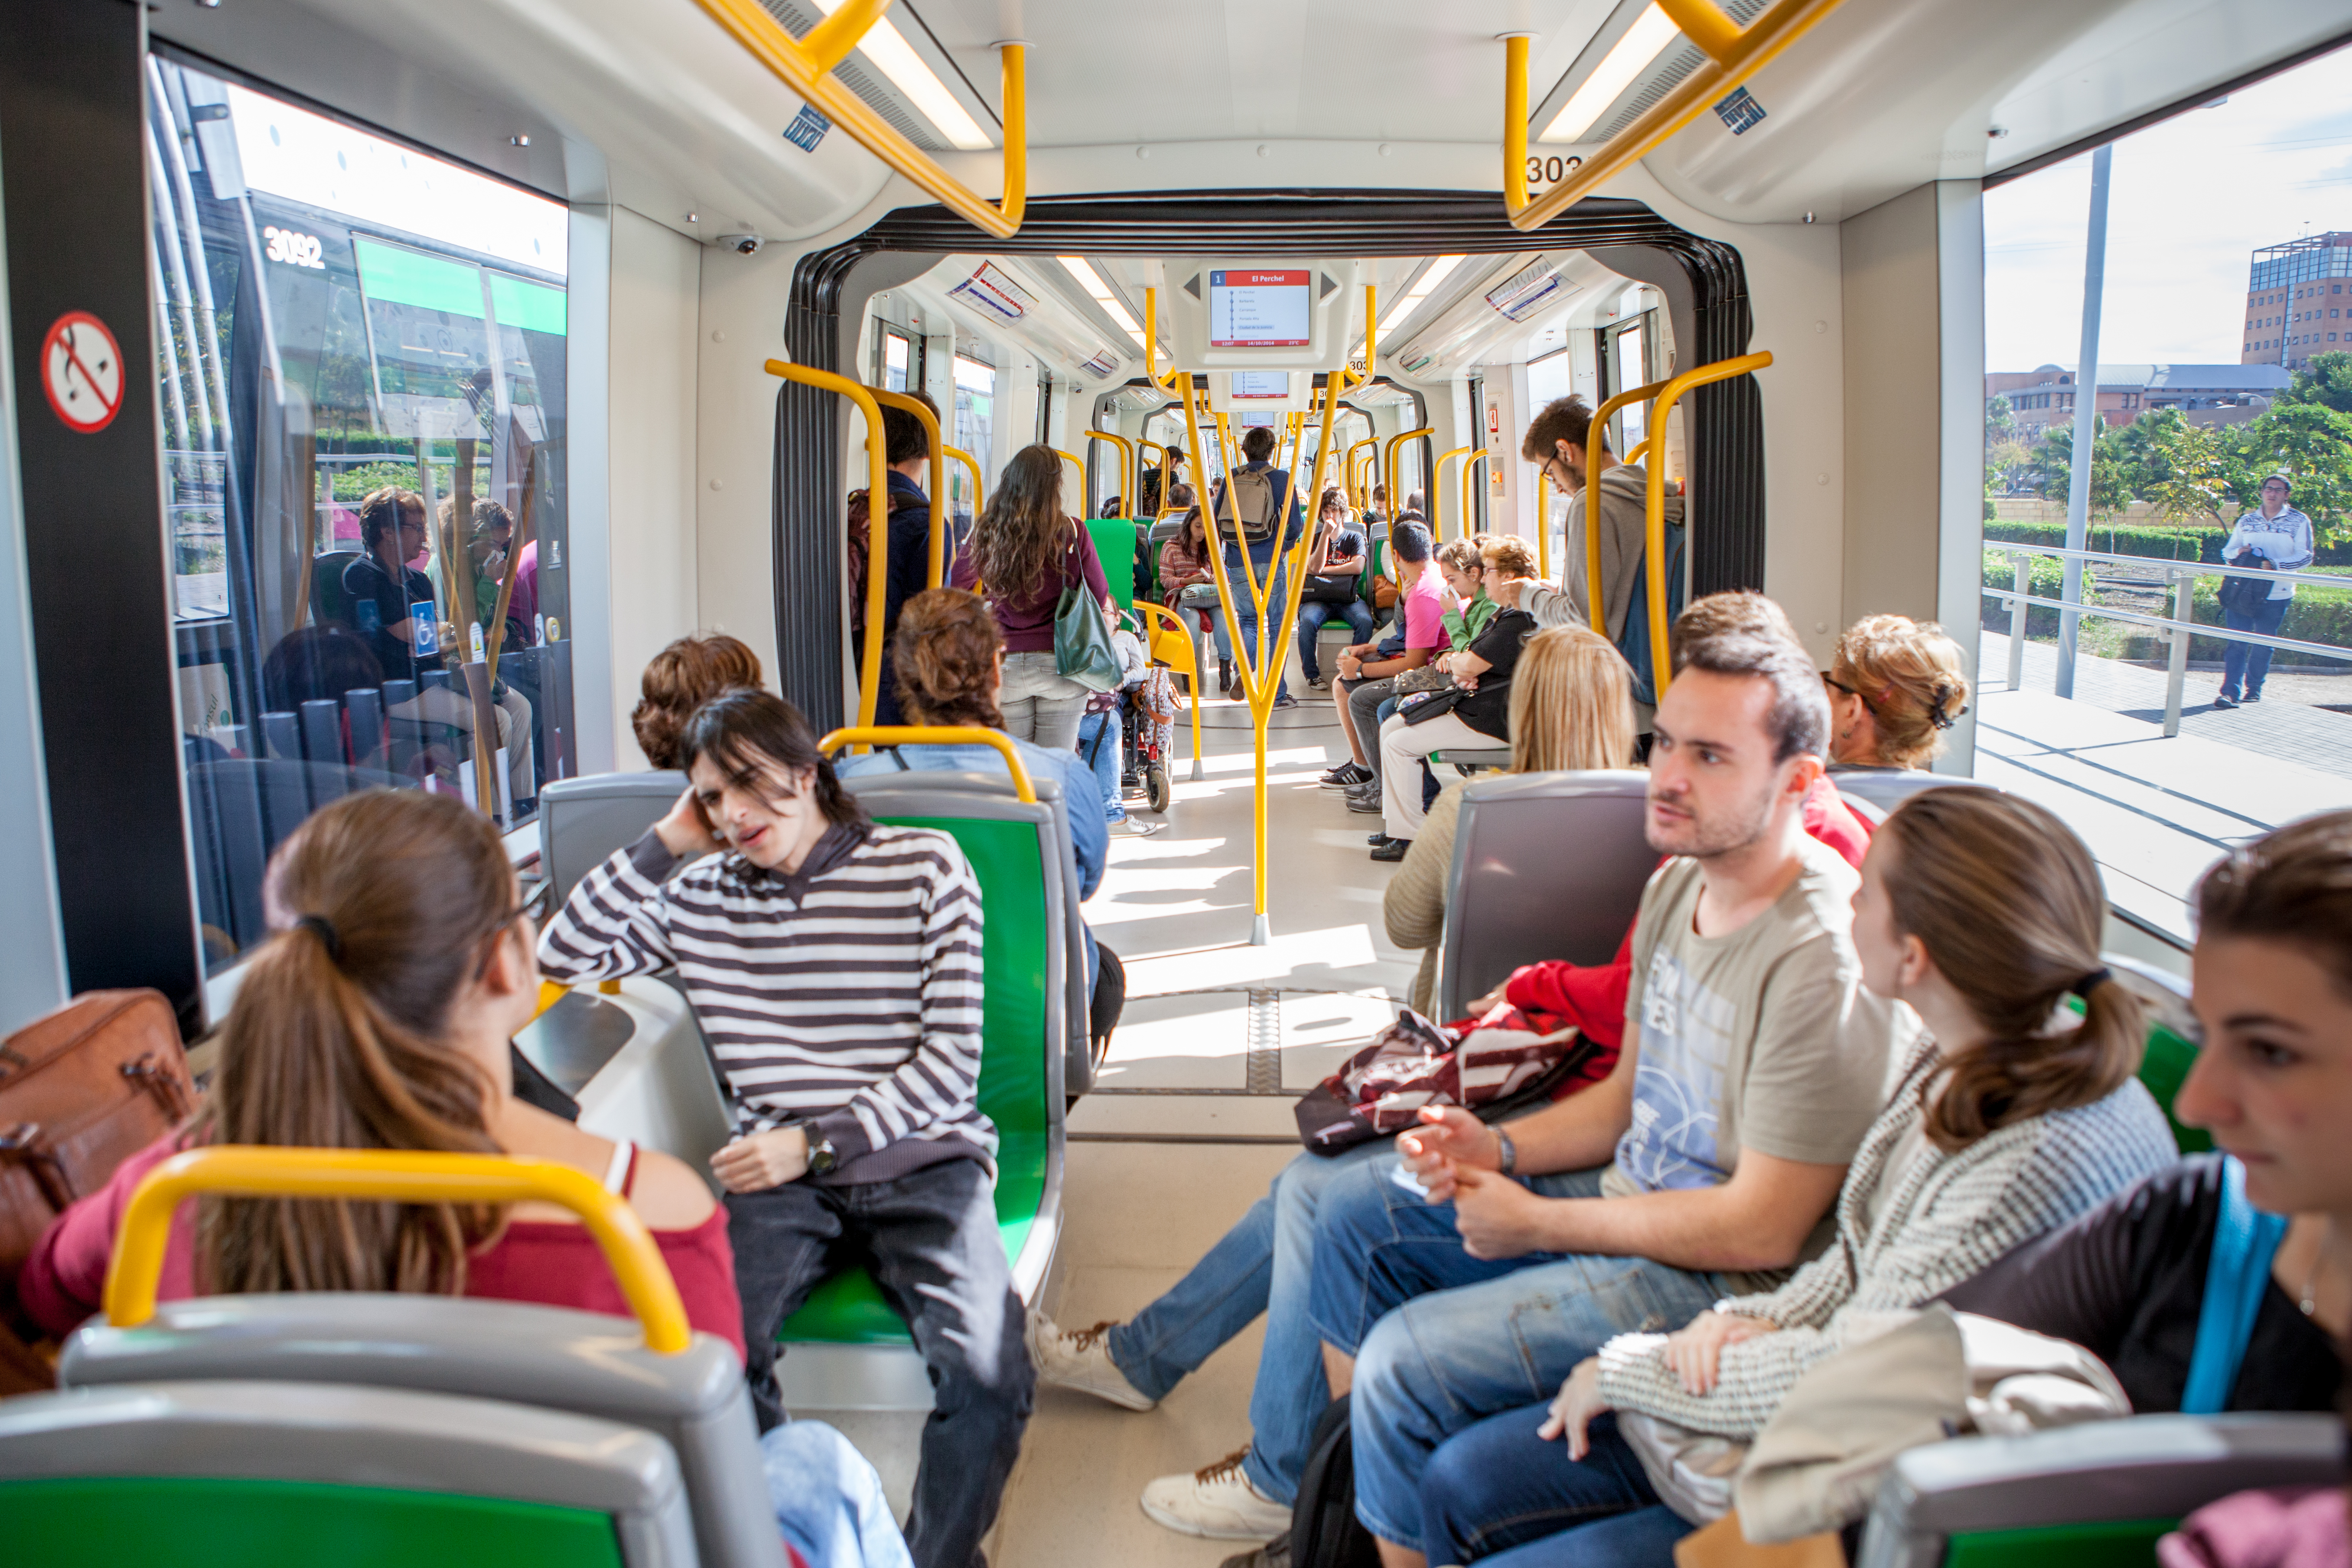 Los usuarios del metro han dado una valoraci�n de 9 sobre 10 al servicio de transporte p�blico.